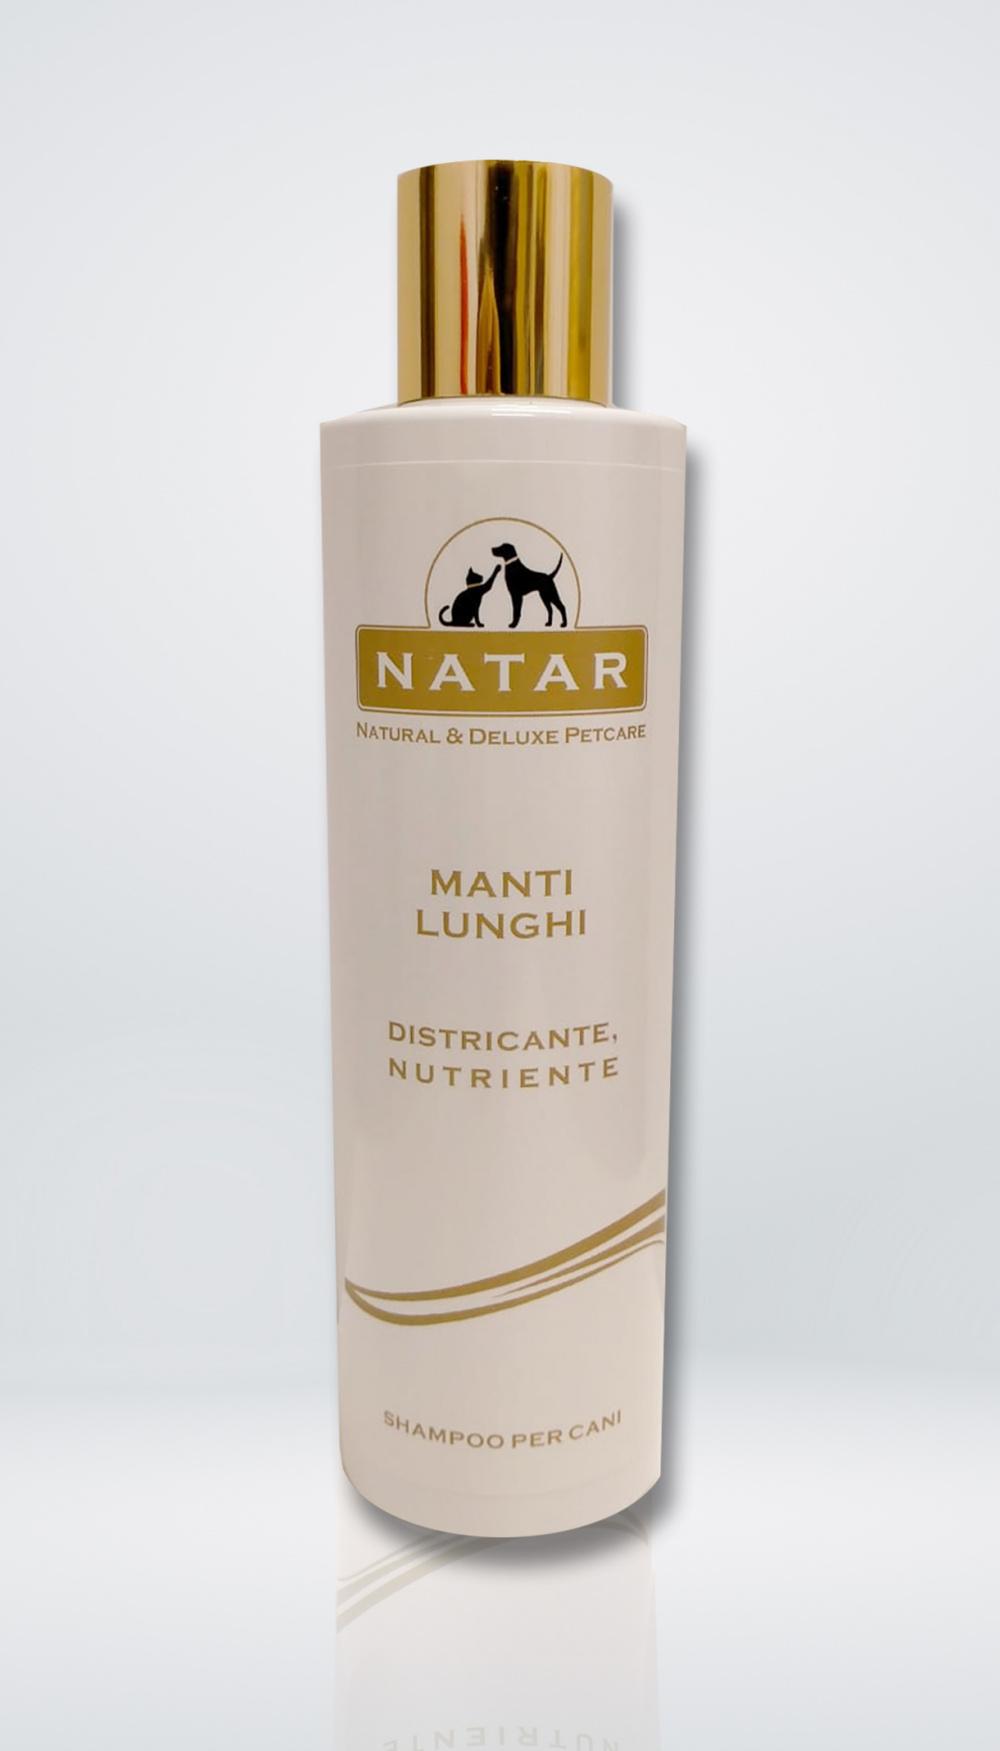 Natar Shampoo per cani con manti lunghi